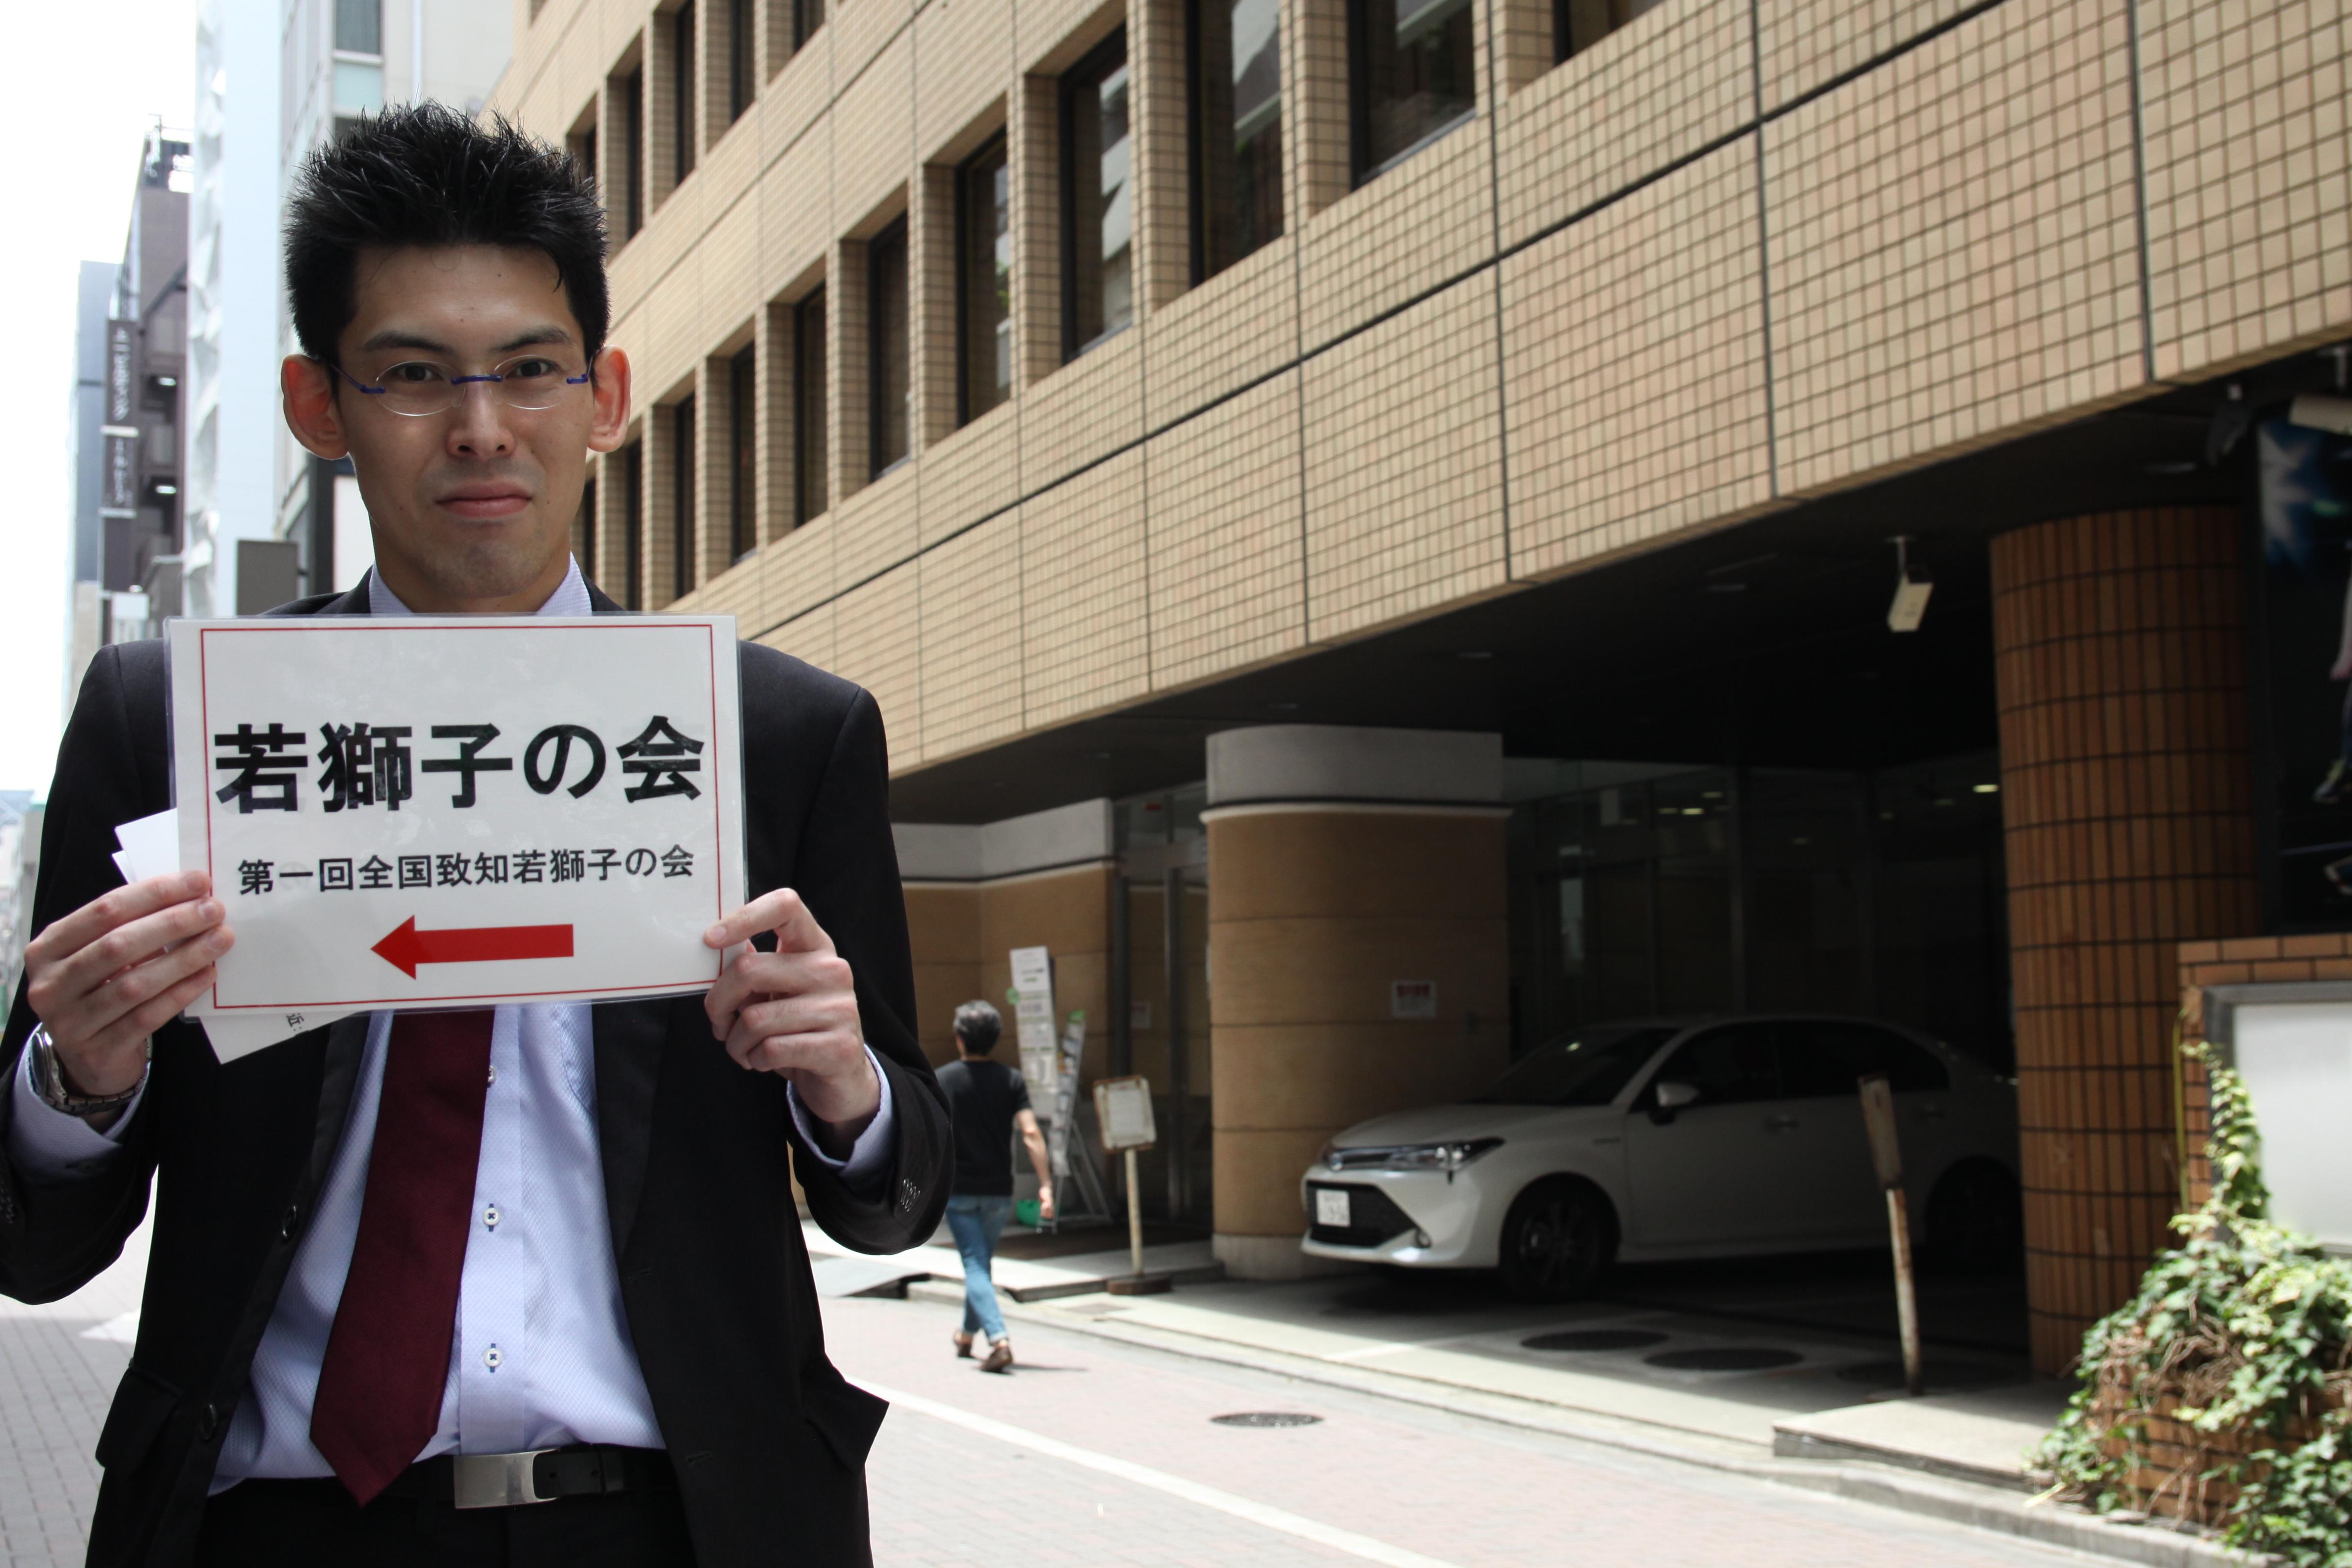 IMG 4496 - 関東若獅子の会、記念すべき第100回